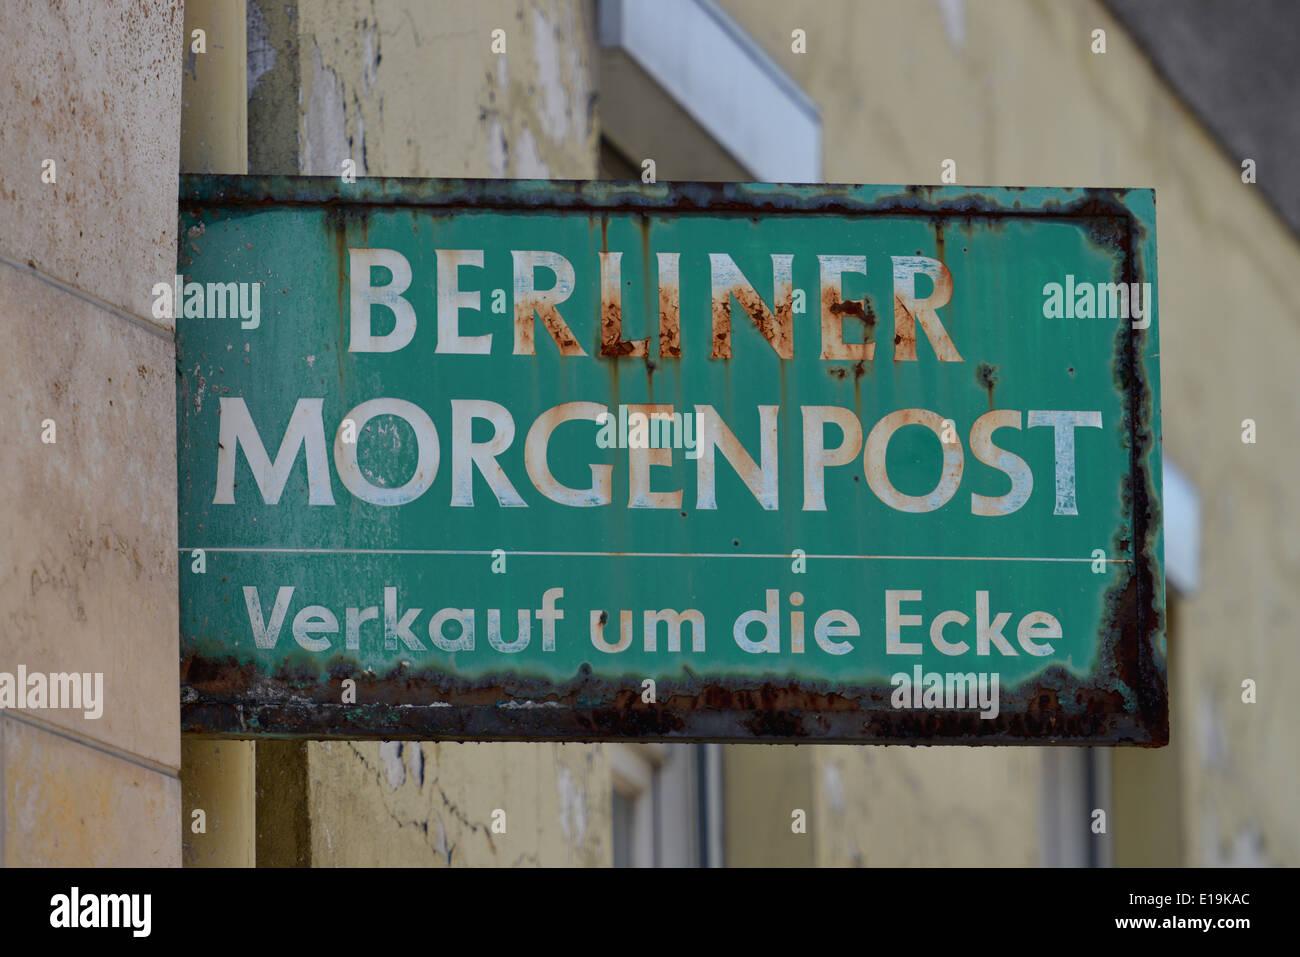 Werbung Berliner Morgenpost, Alte Jakobstrasse, Kreuzberg, Berlin, Deutschland - Stock Image